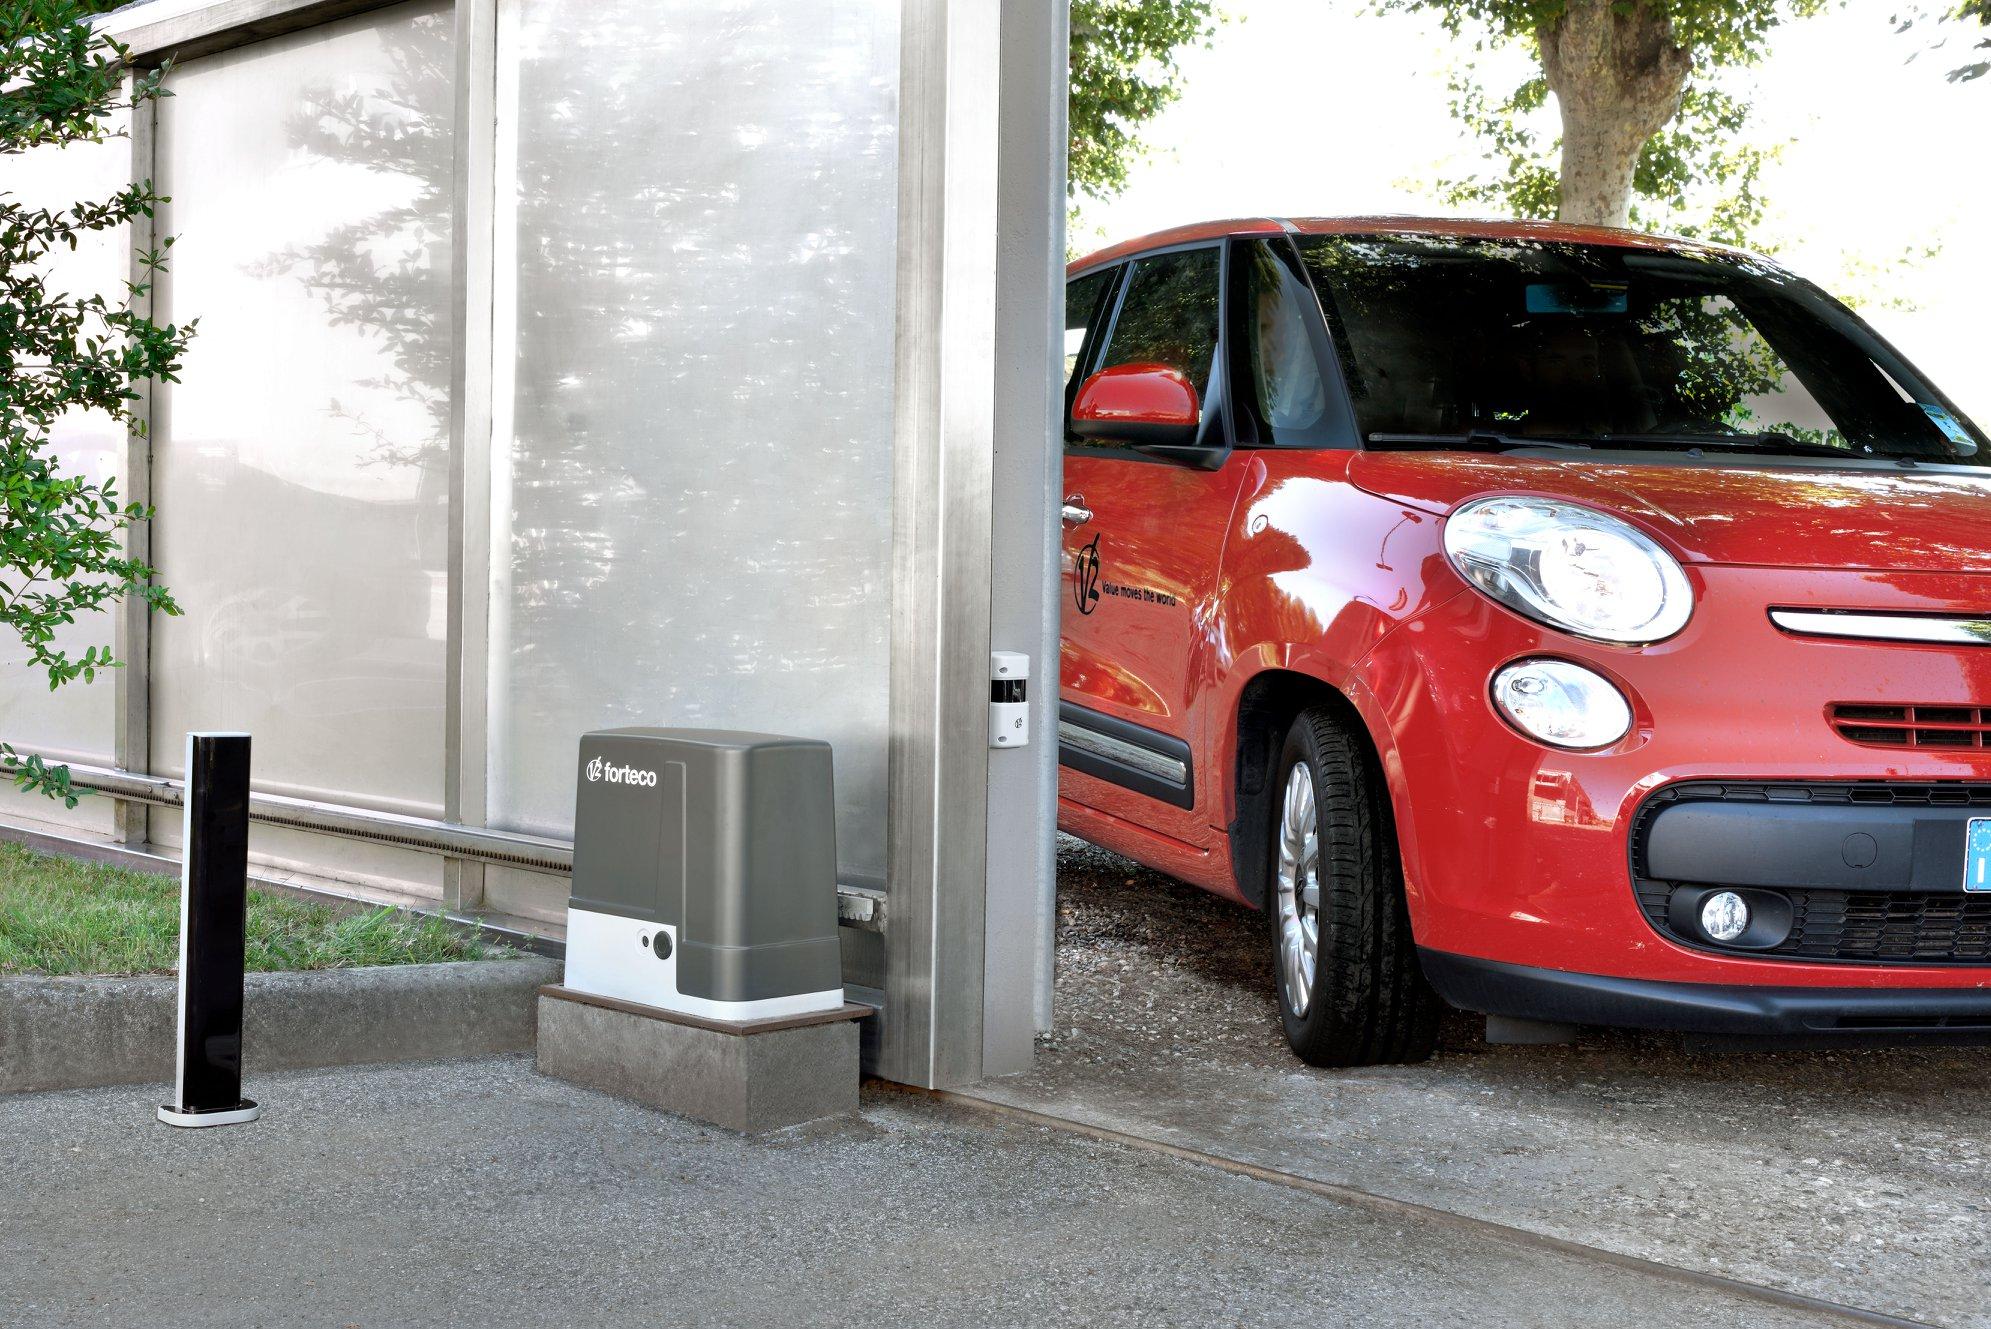 Cổng trượt tự động V2 AYROS dễ dàng di chuyển xe vào nhà